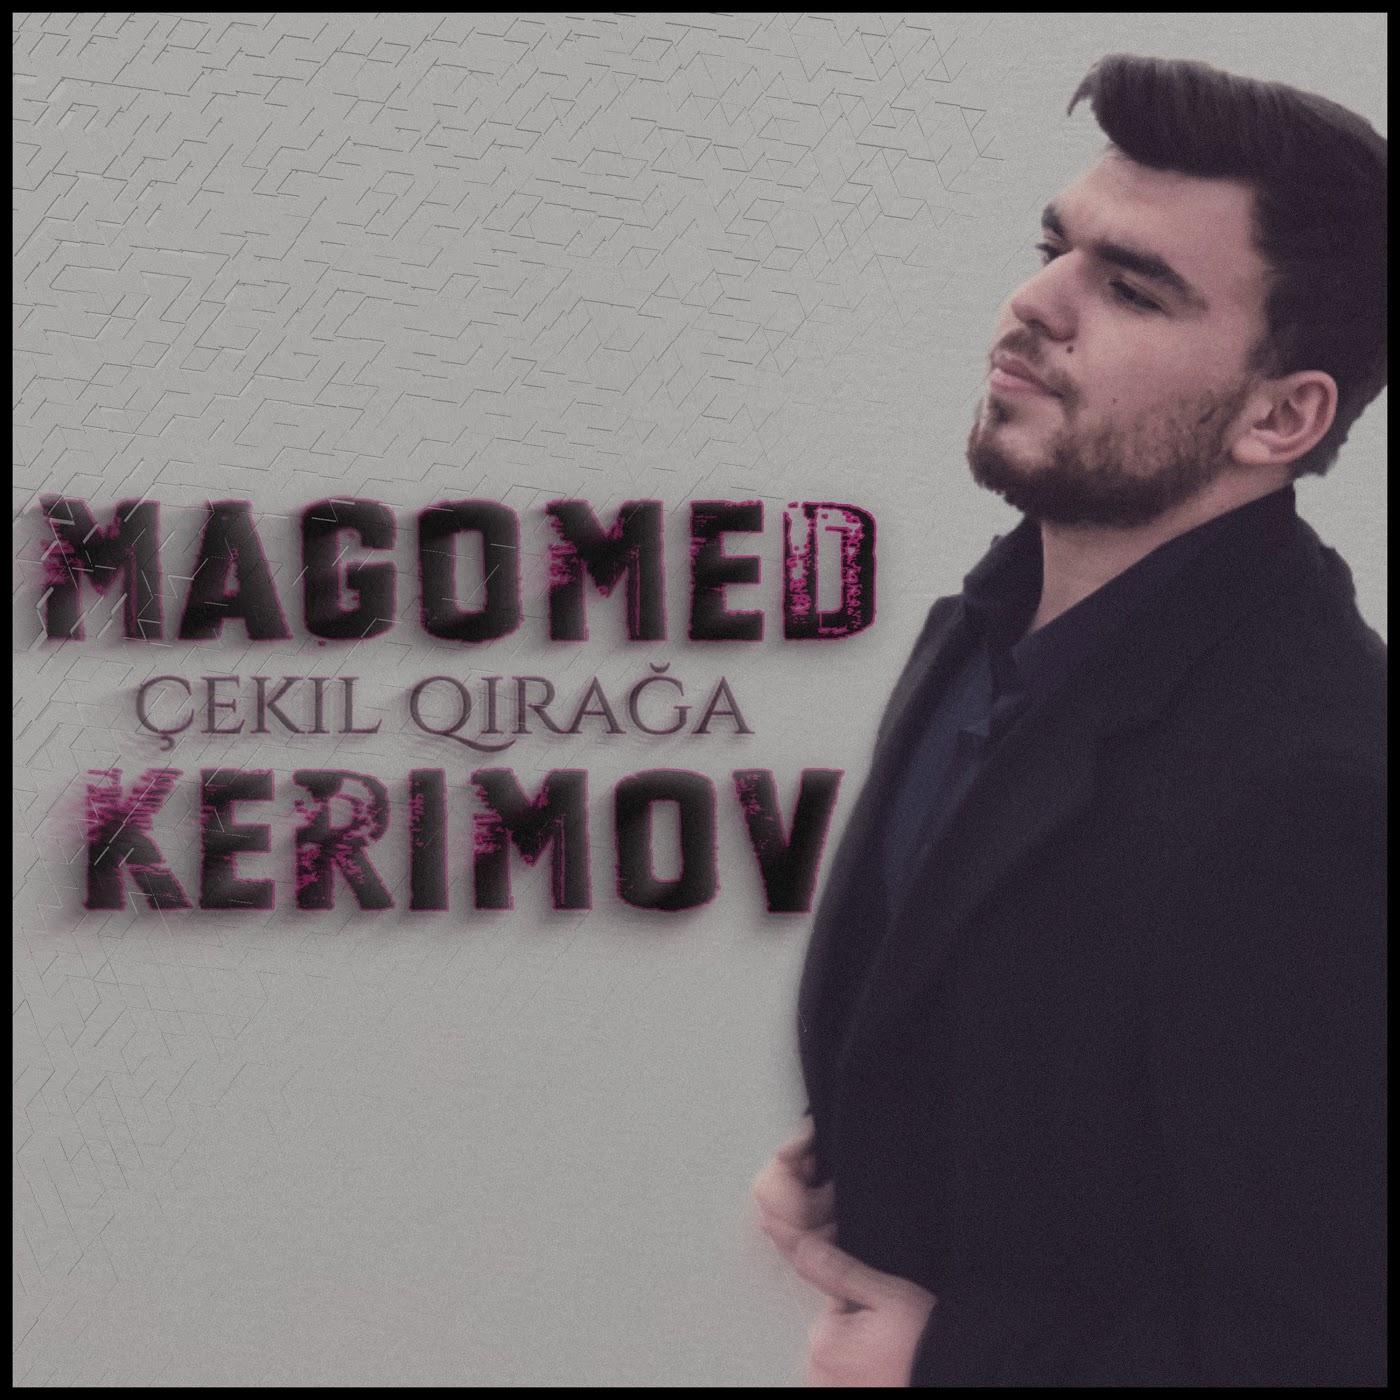 http://s7.picofile.com/file/8377616400/11Magomed_Kerimov_Cekil_Qiraga.jpg